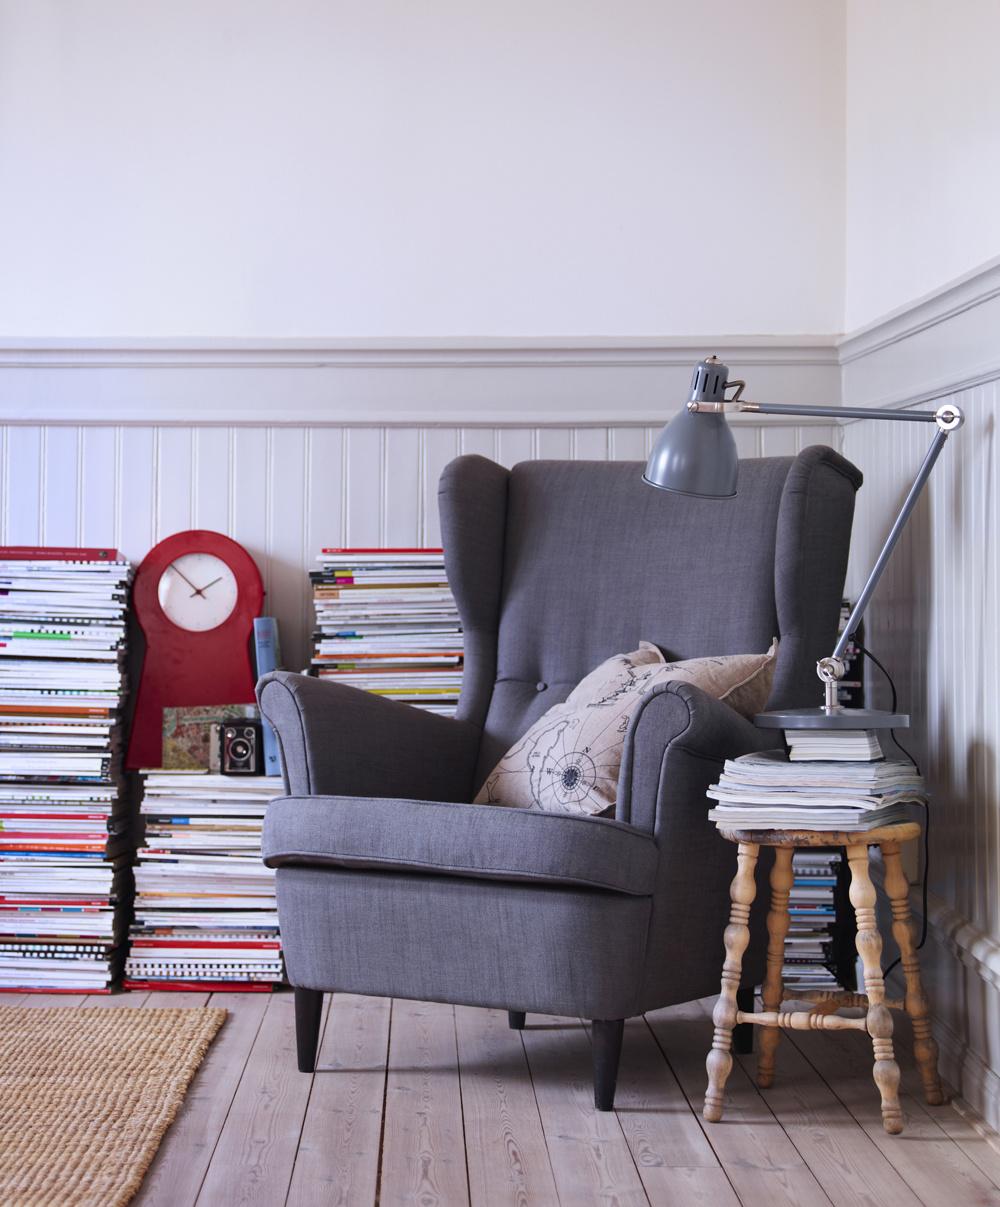 Ak ste zamilovaní do svojich kníh, tzv. zaknihovaní, rozdeľte si knižky na tie, ktoré v blízkej dobe nebudete čítať, a tie, ktoré na vás ešte čakajú. Tie, ktoré už majú vaše čítanie za sebou, postavte k stene na seba a vytvorte si tak originálne zátišie vášho čítacieho kútika.